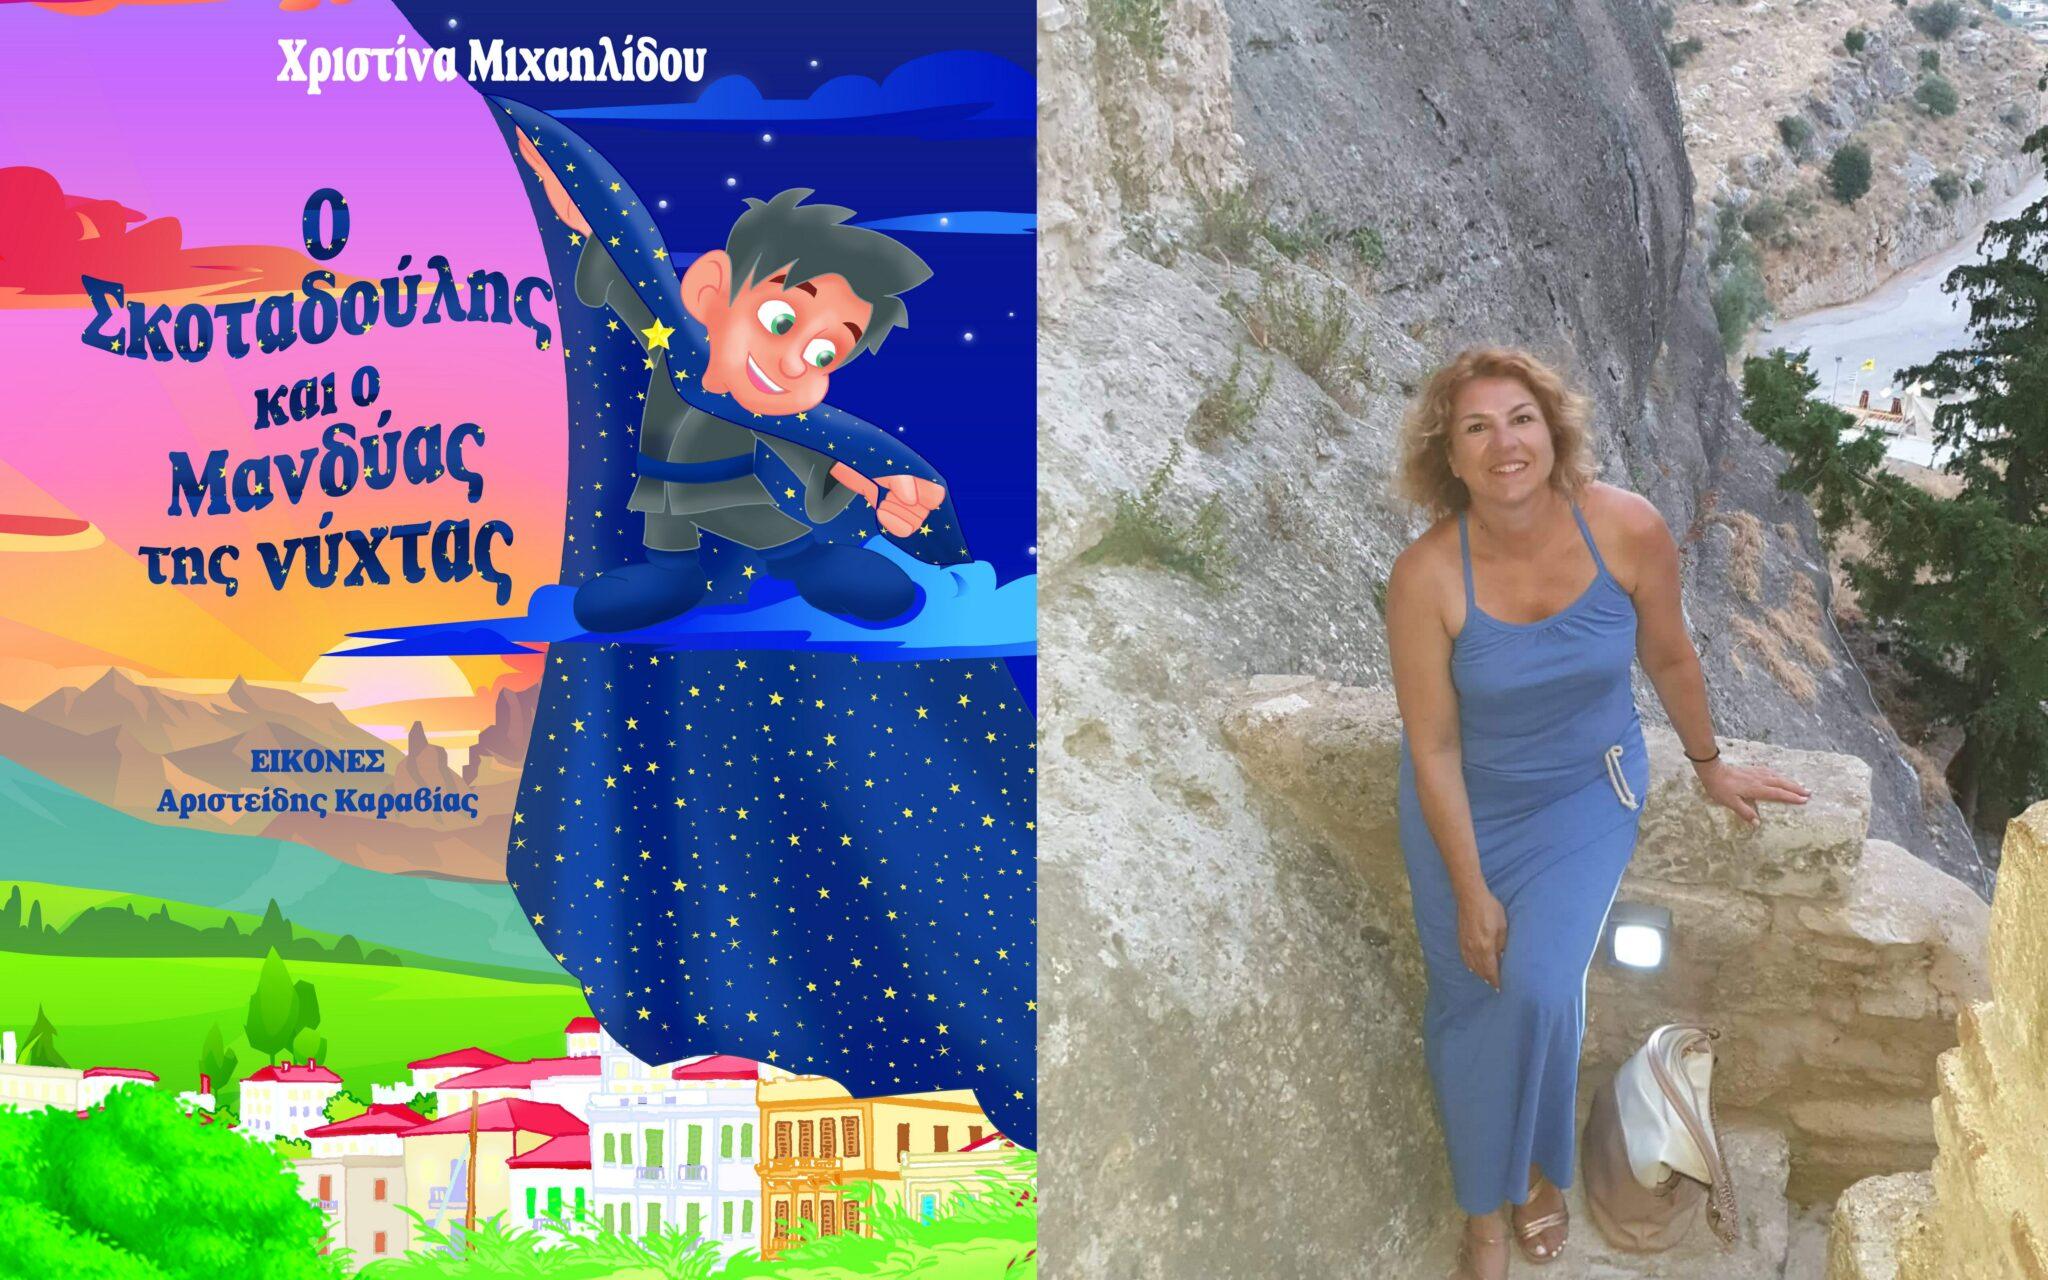 """""""Ο Σκοταδούλης και ο Μανδύας της νύχτας"""" - Συγγραφέας: Μιχαηλίδου Χριστίνα"""